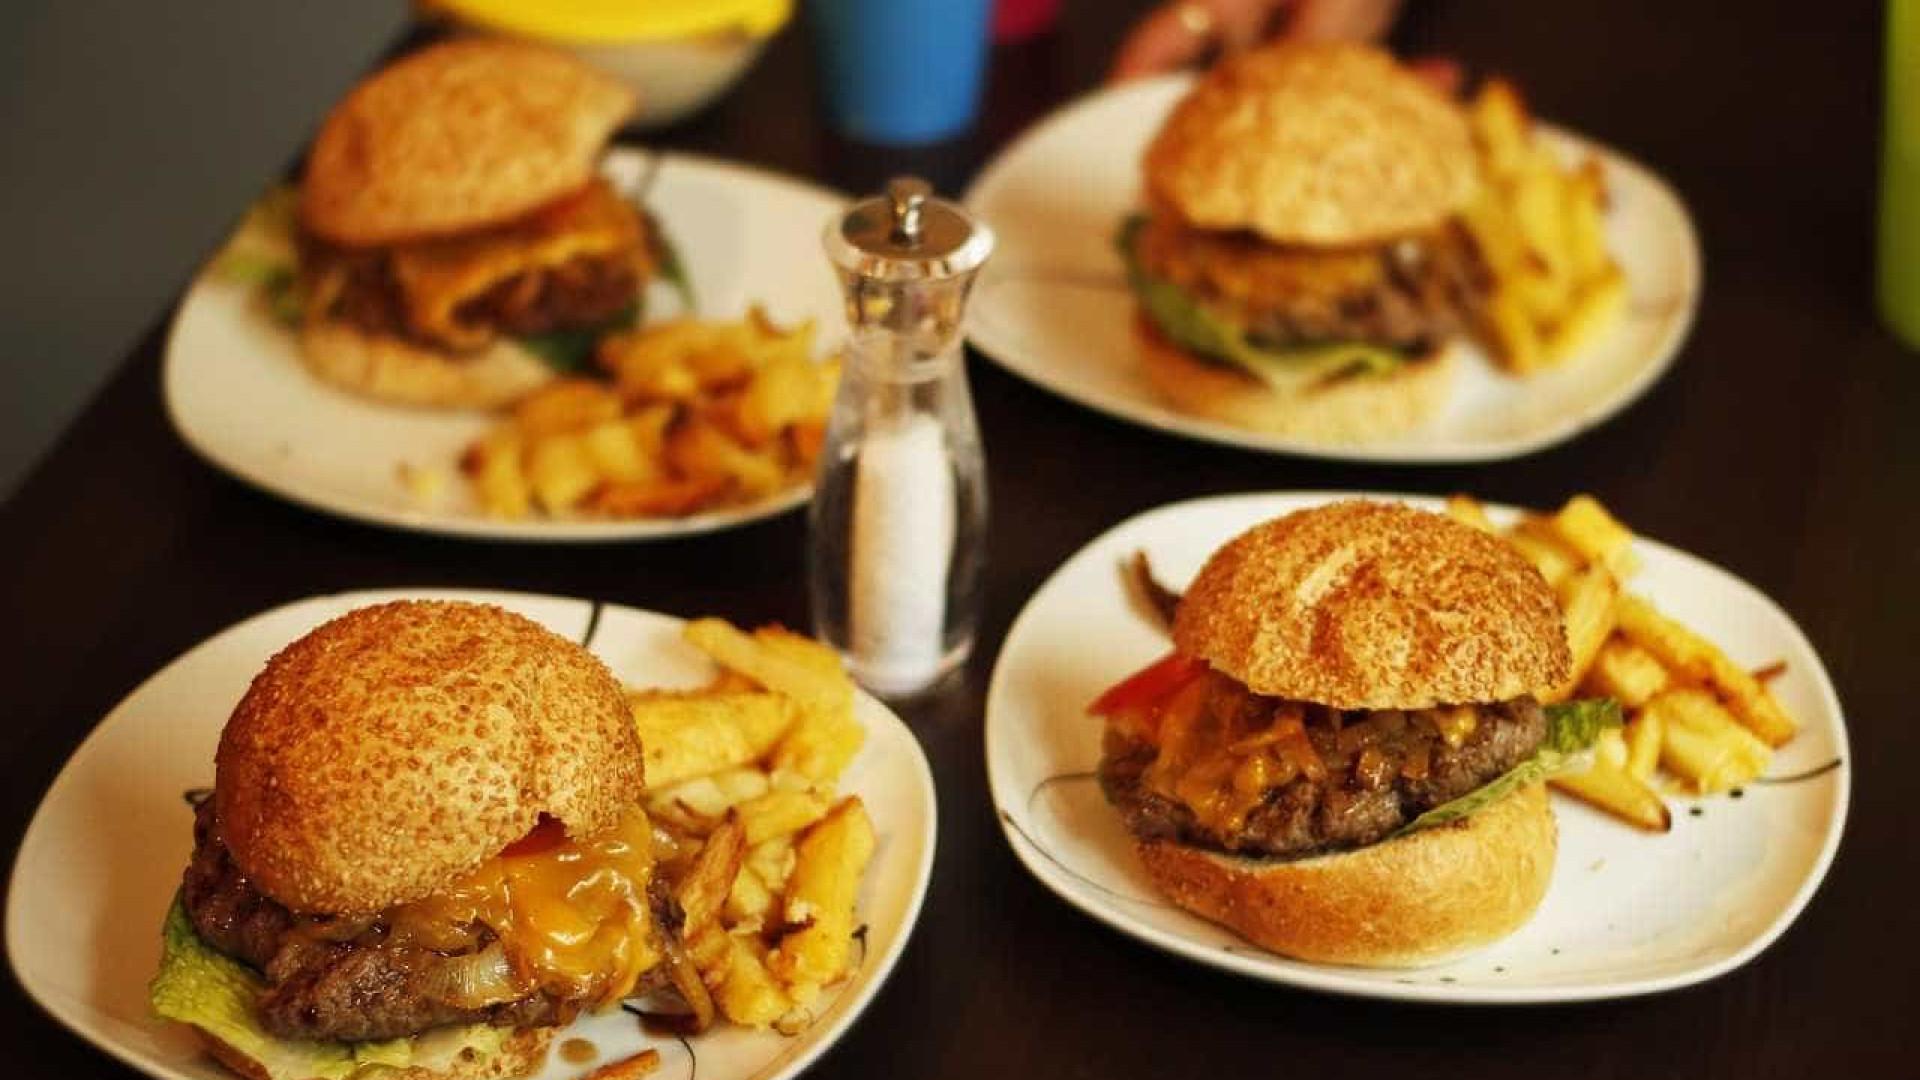 Consumo de gordura pode estar ligado ao câncer de pele